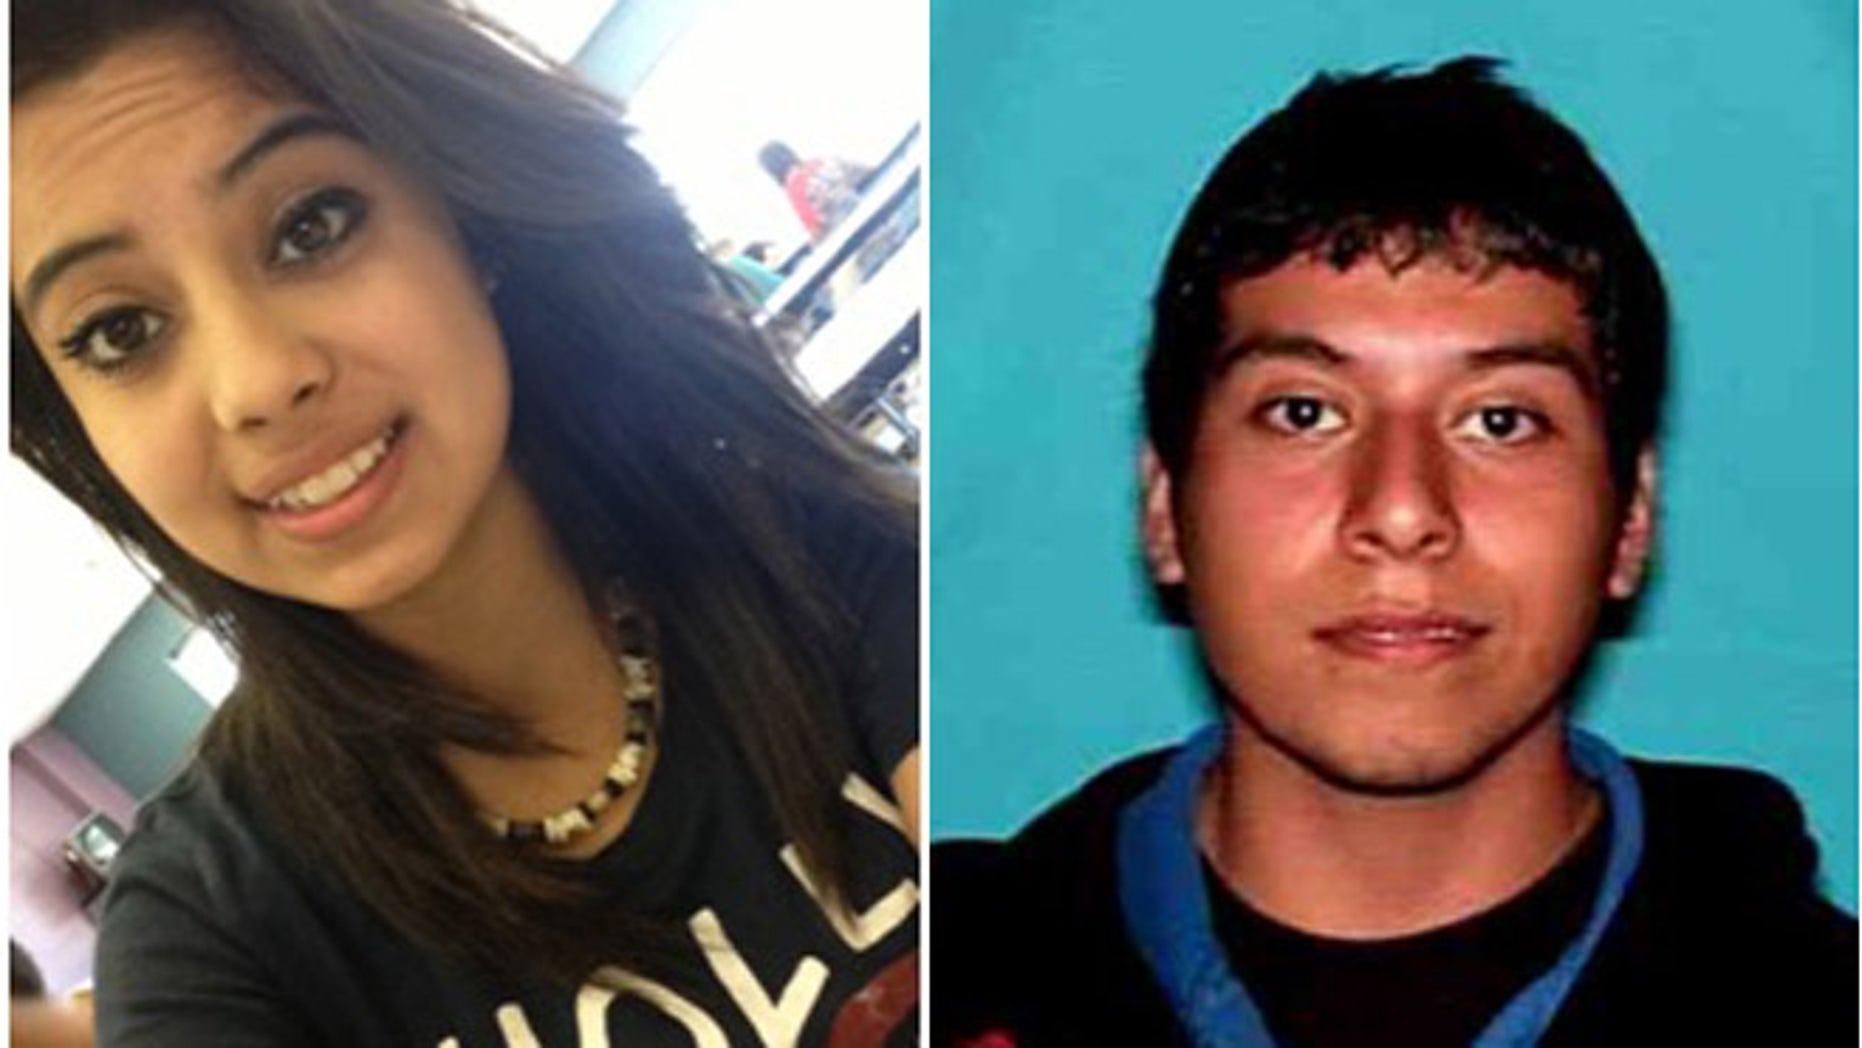 Ruby Zavala, 14, and Jesus Ramirez, 22.